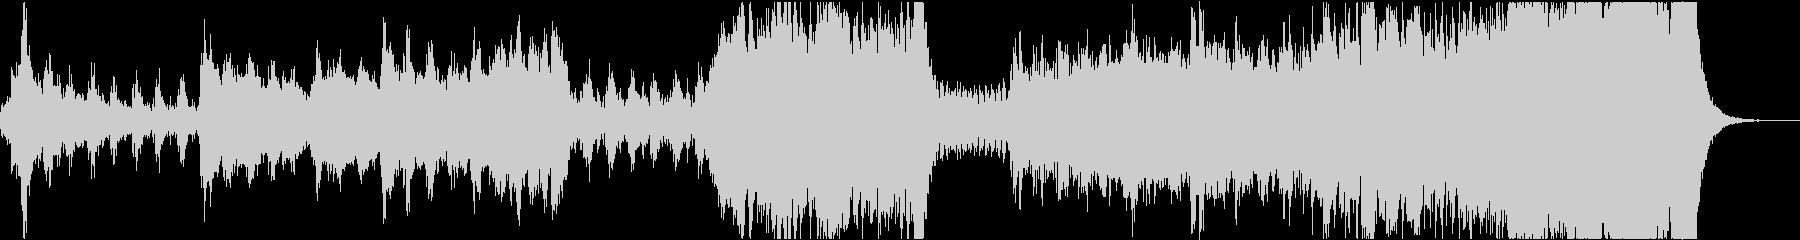 ハリウッド風オーケストラバトル曲/ブラスの未再生の波形